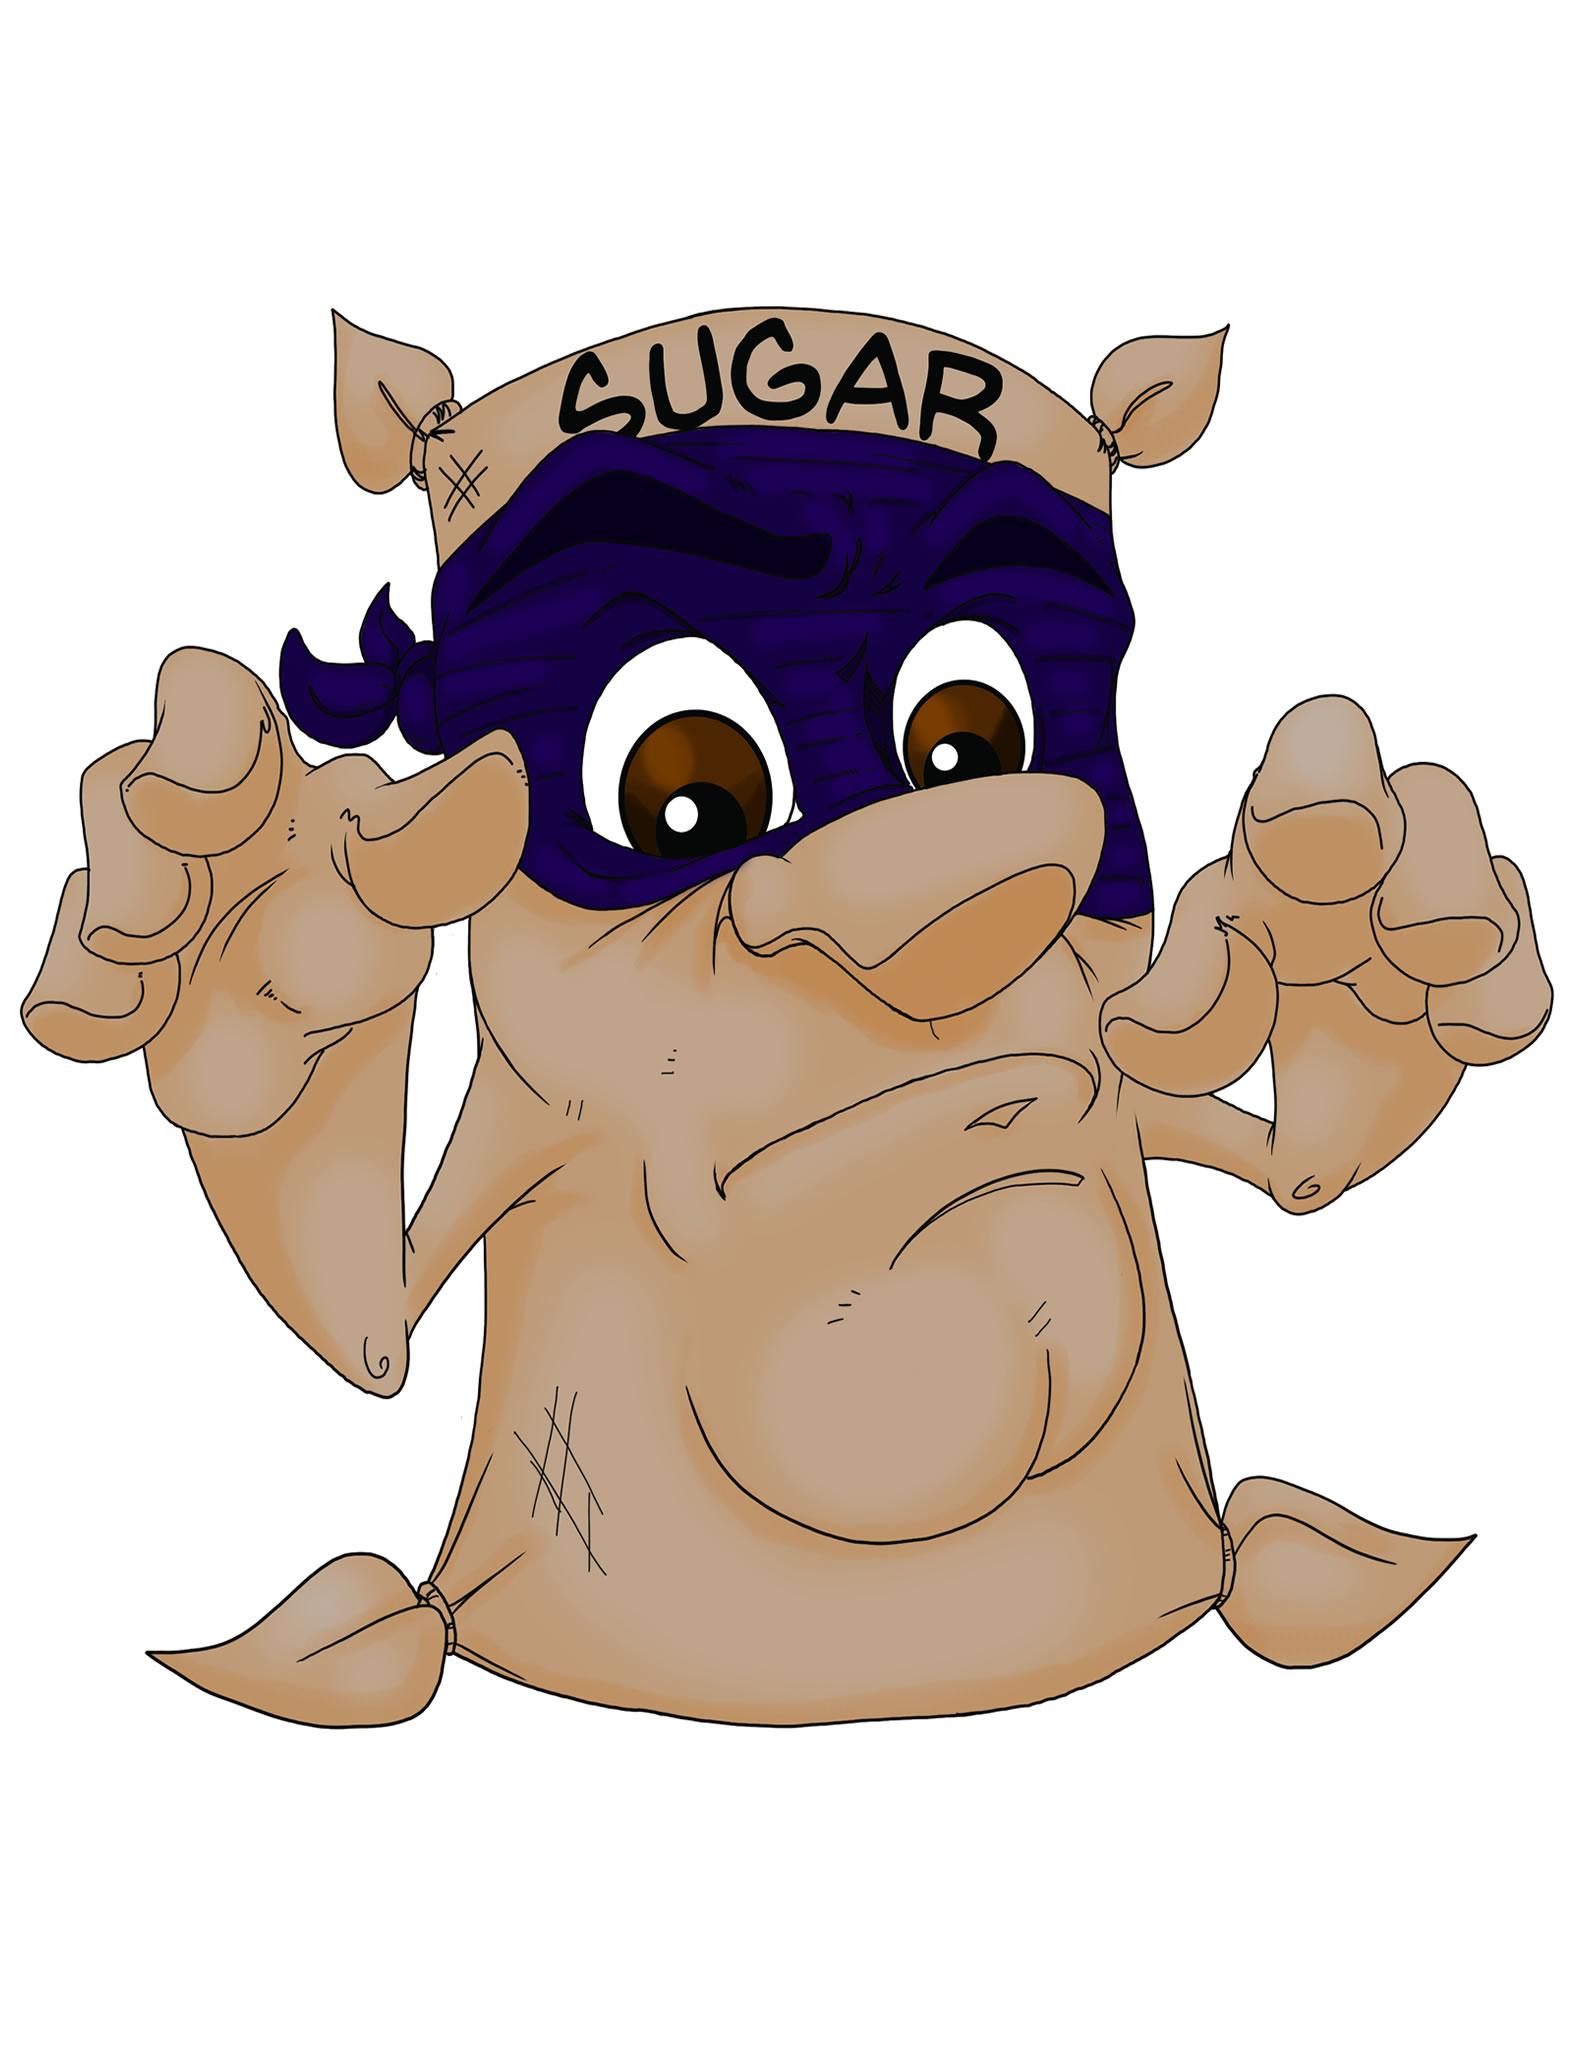 Mr. Sugar